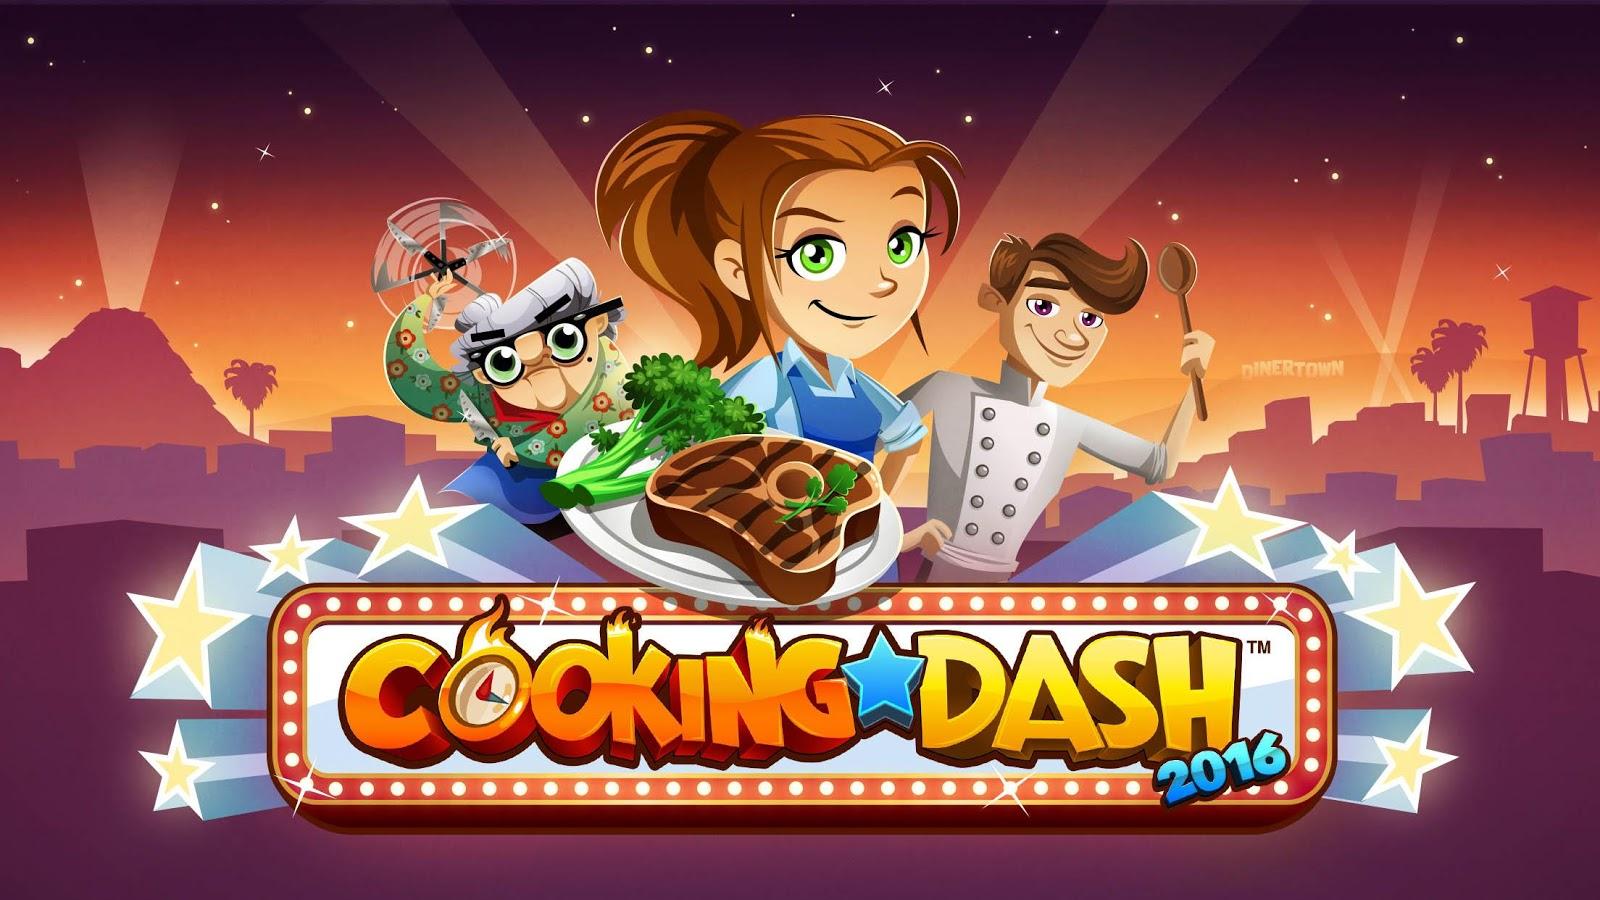 Cooking Dash5